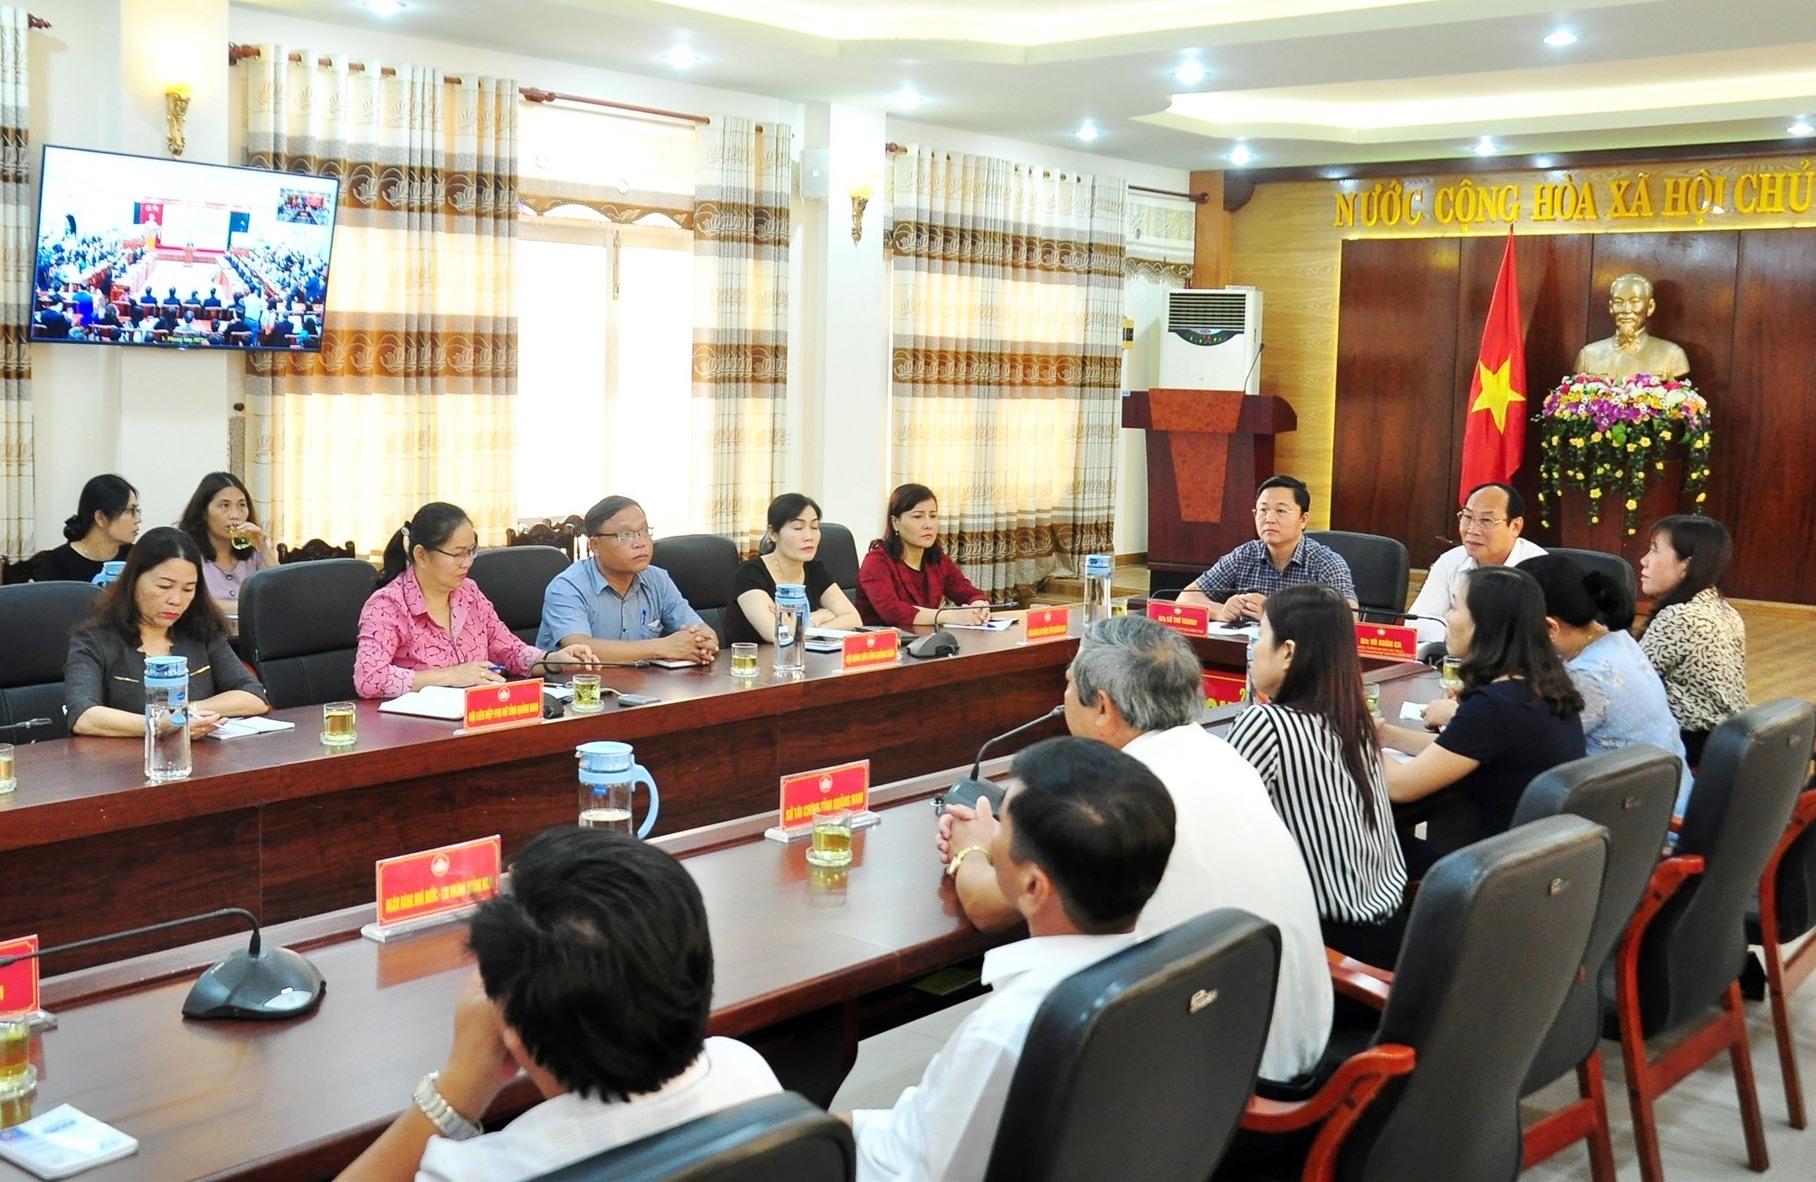 Các đại biểu theo dõi chương trình lễ phát động tại điểm cầu Ủy ban MTTQ Việt Nam tỉnh. Ảnh: VINH ANH